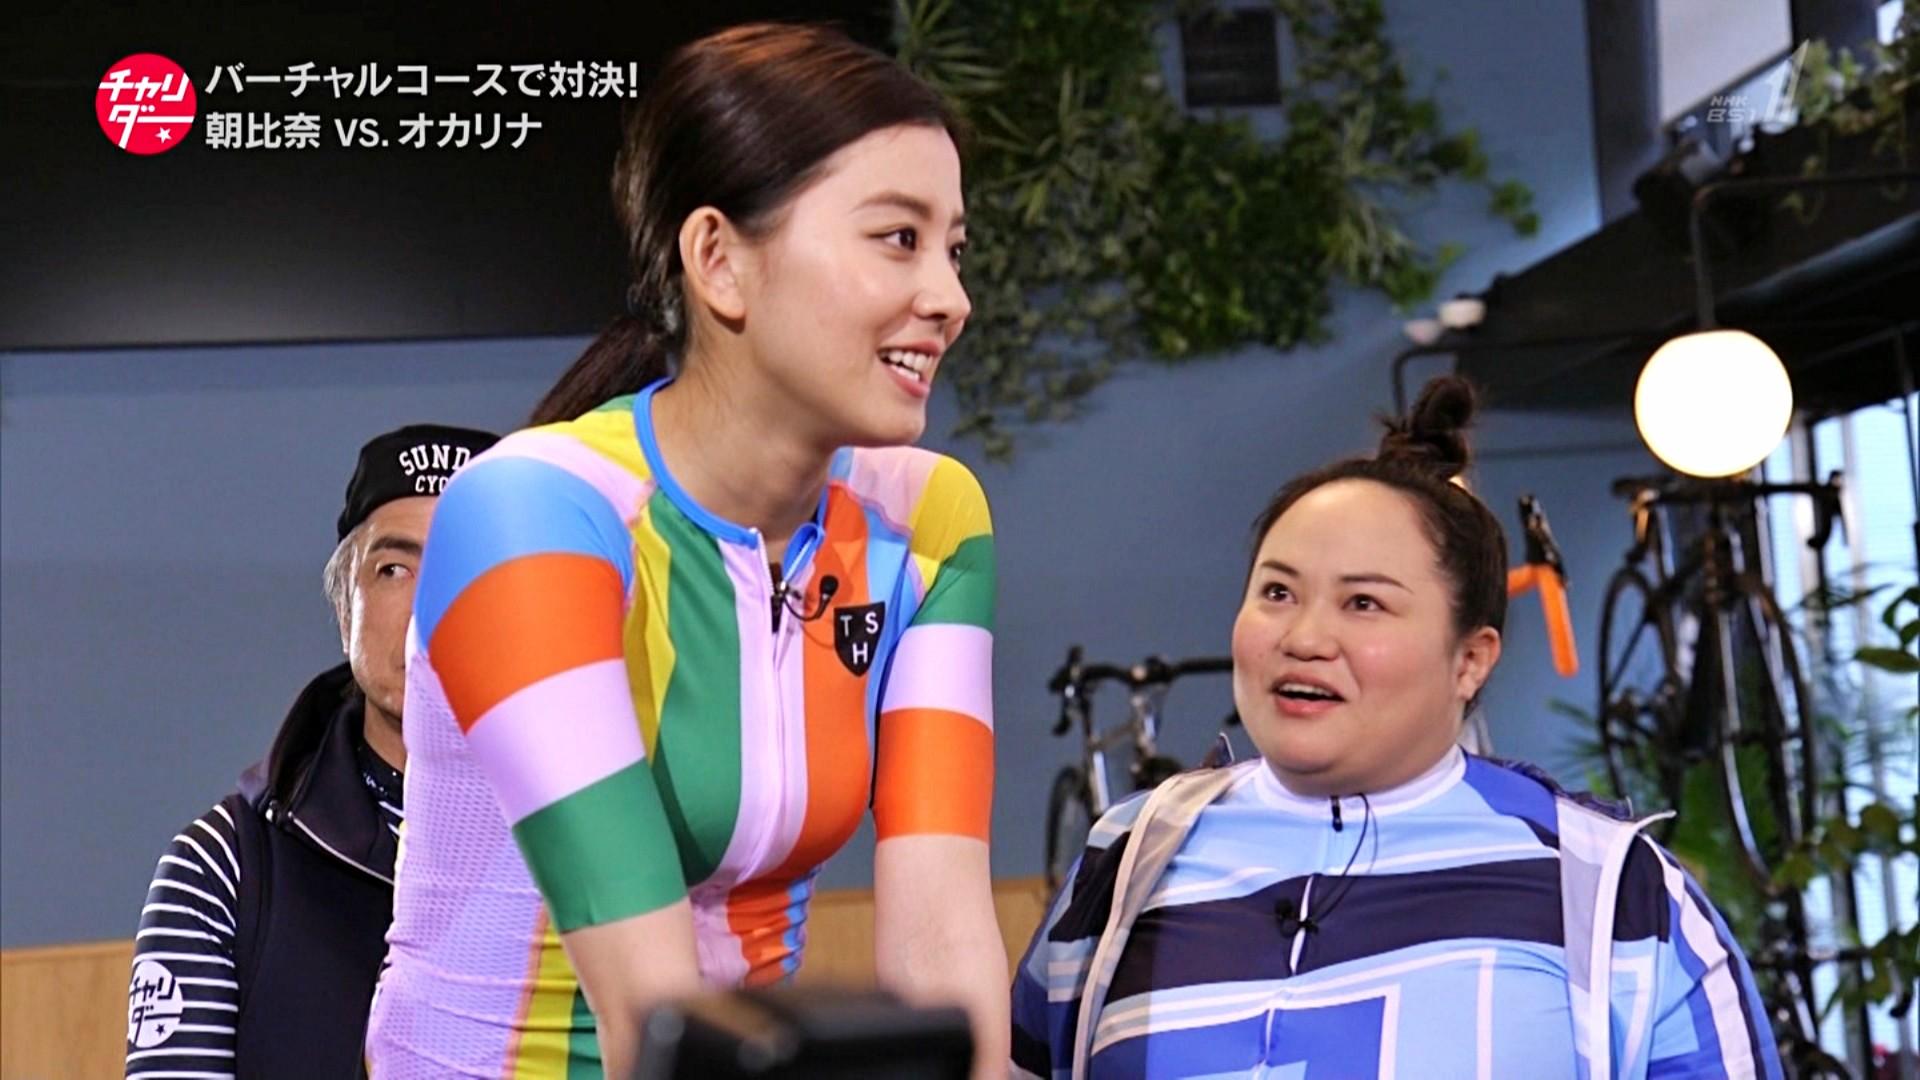 2019年4月20日チャリダー・朝比奈彩さんのテレビキャプチャー画像-108